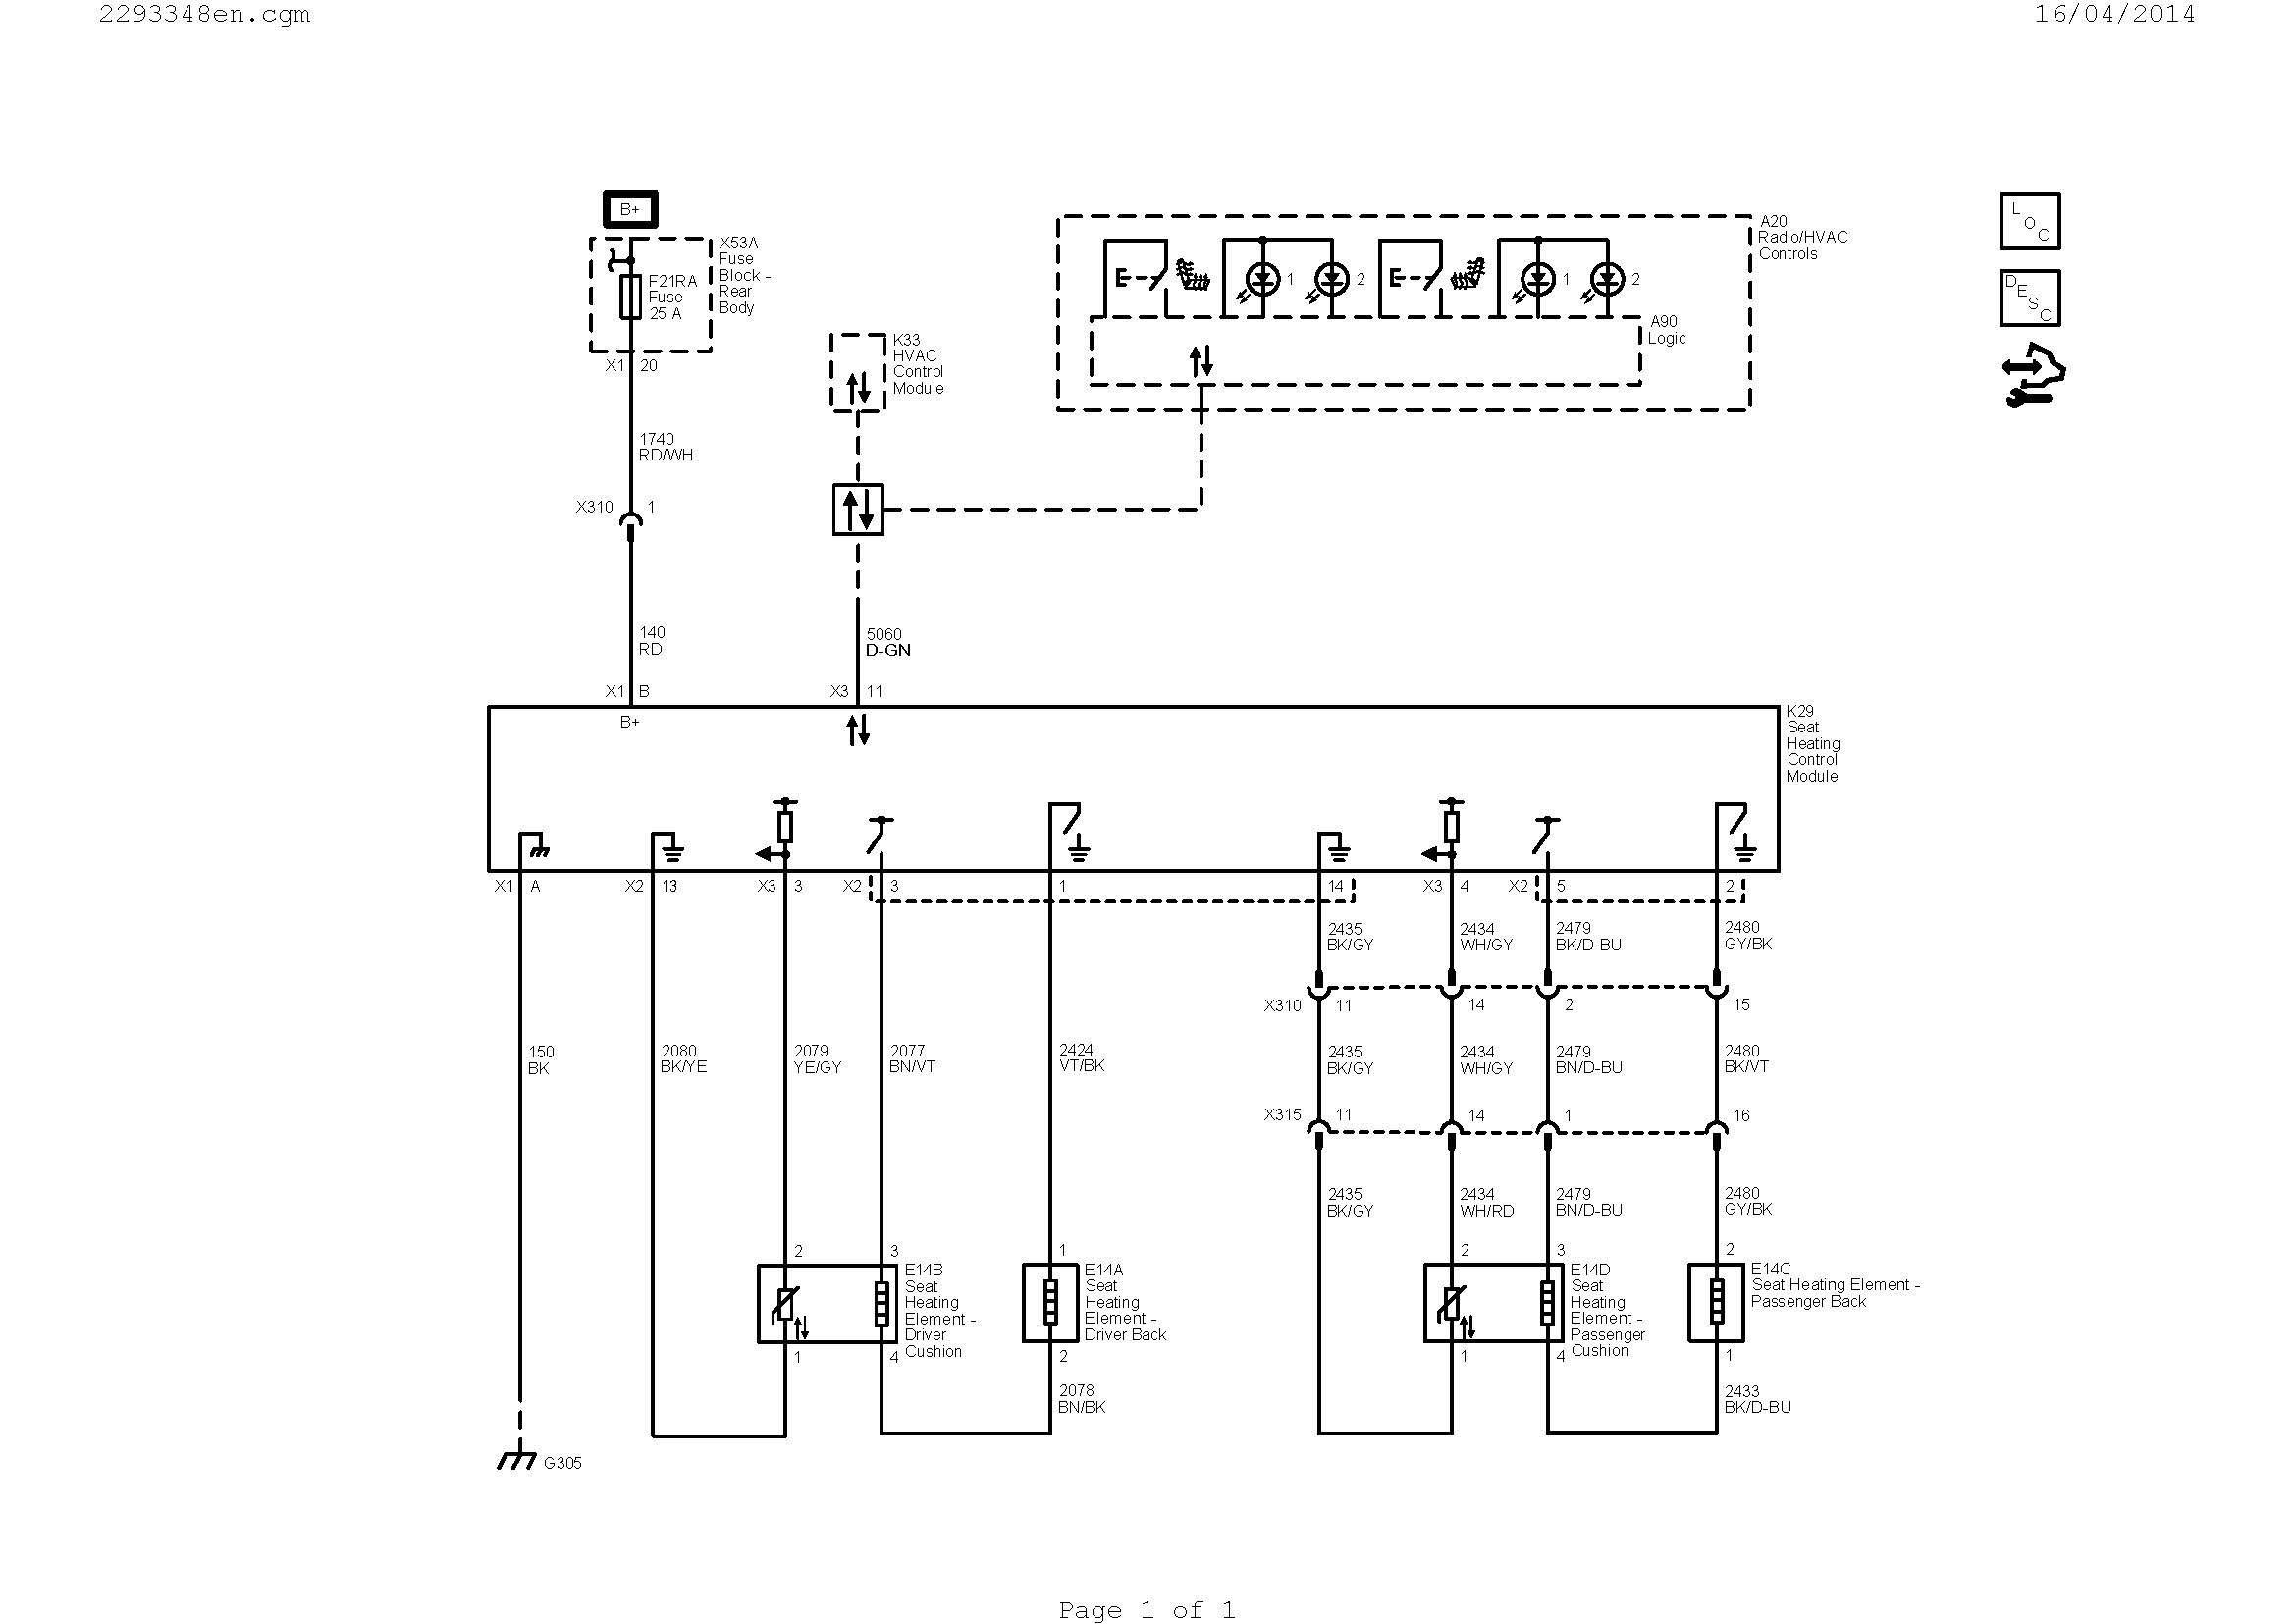 strat pickup wiring diagram Download-Wiring Diagram for A Stratocaster Guitar New Wiring Diagram Guitar Fresh Hvac Diagram Best Hvac Diagram 5-j